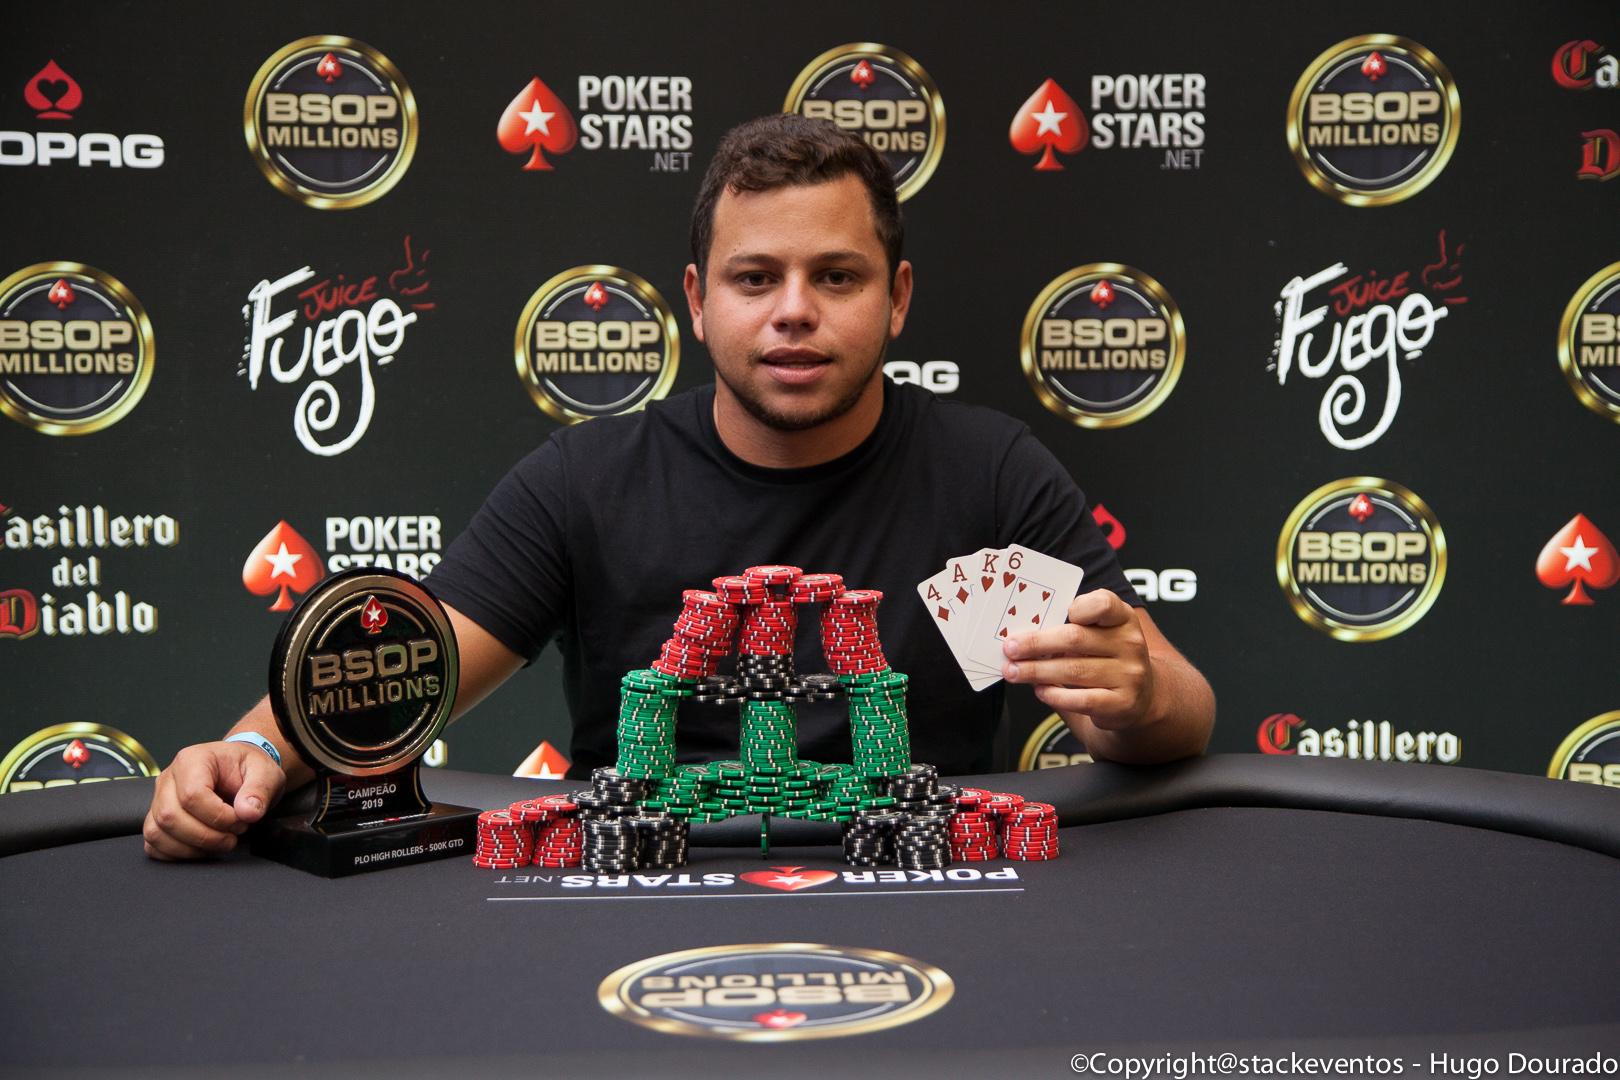 Paulo Rodrigues - Campeão PLO High Rollers - BSOP Millions